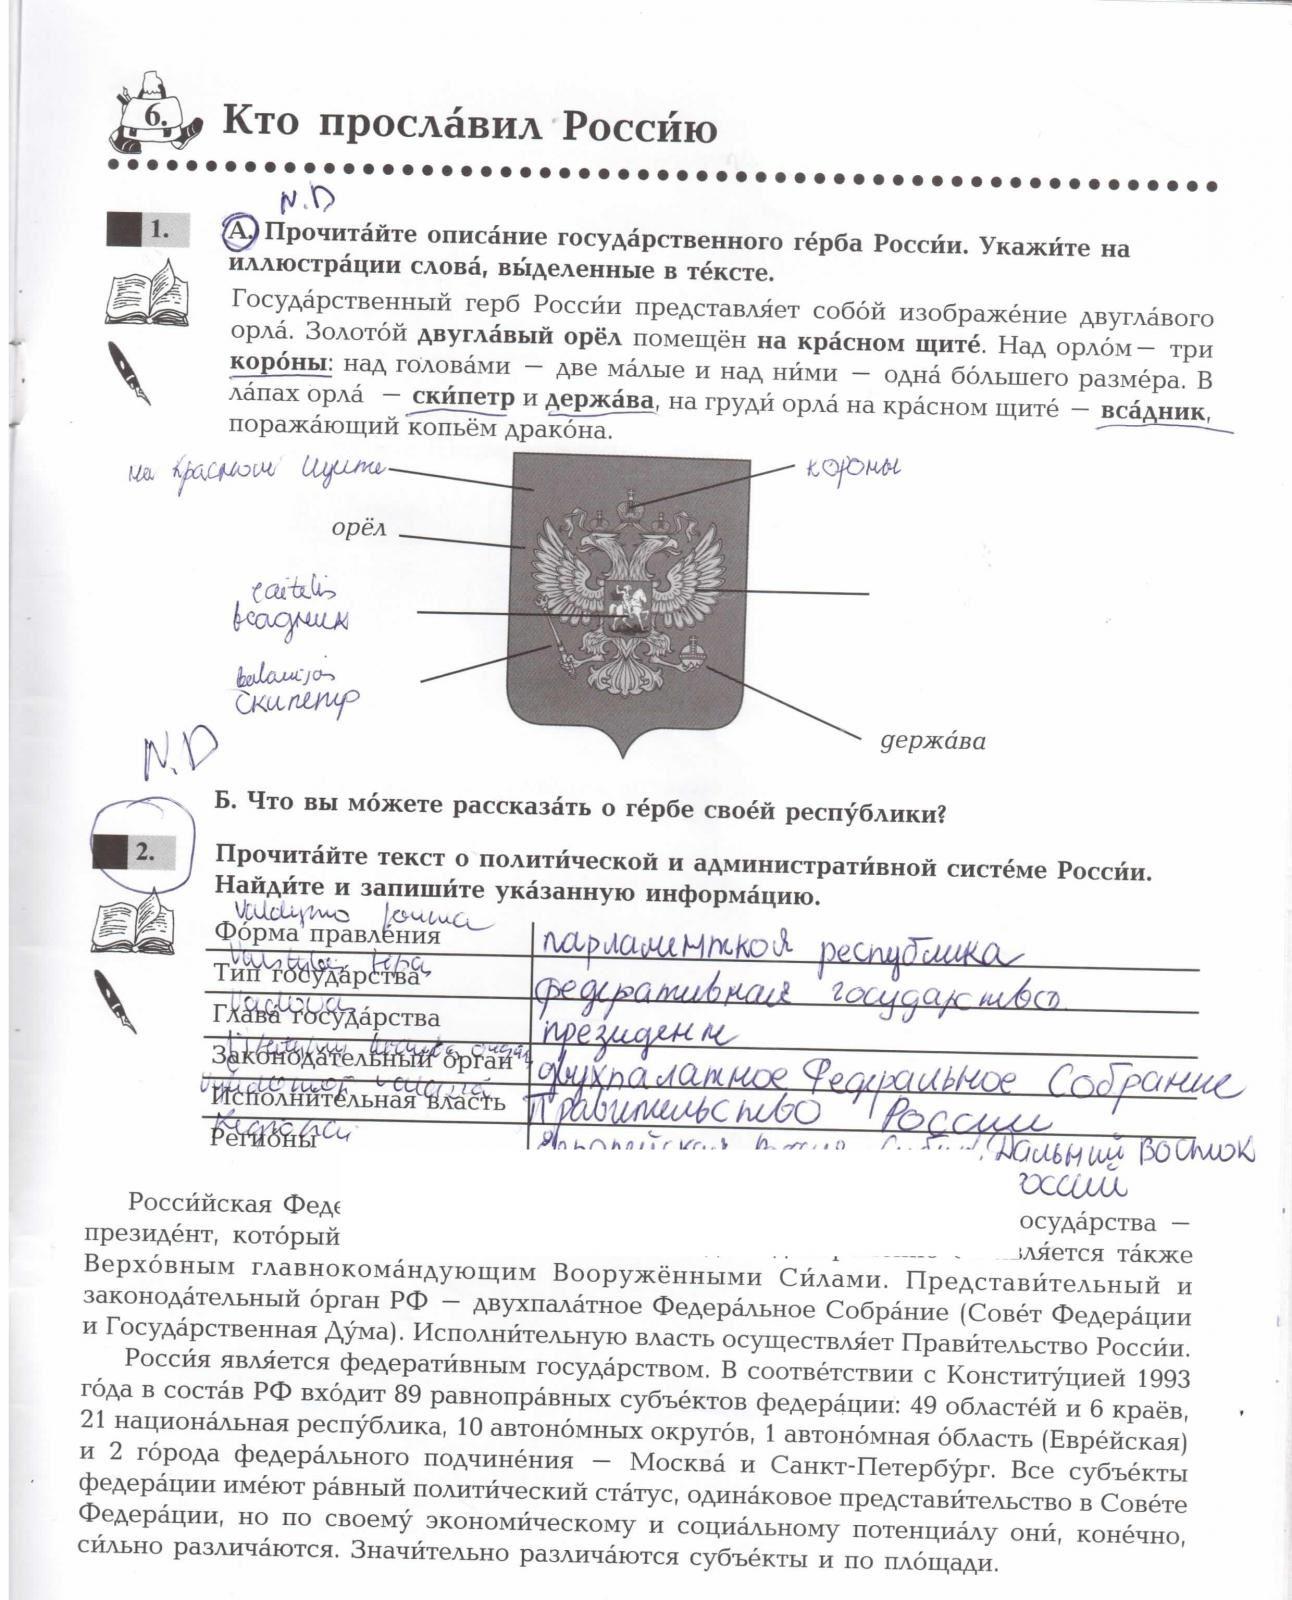 Rusų kalba ŠAG ZA ŠAGOM NOVY 5